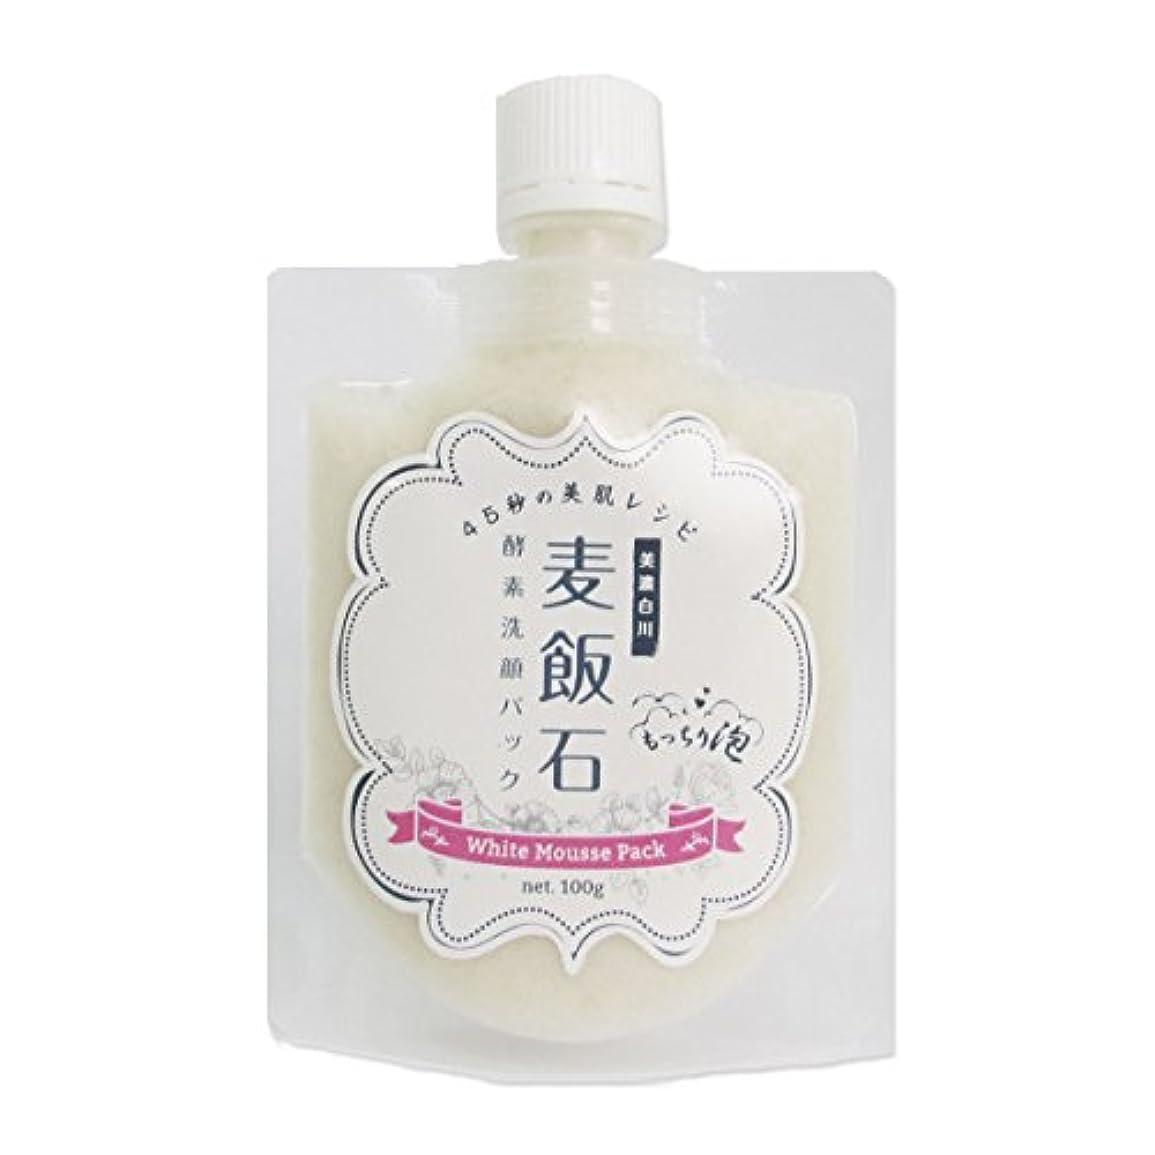 ダーリンブッシュ些細シミ 洗顔 泡 洗顔フォーム ホワイトムースパック